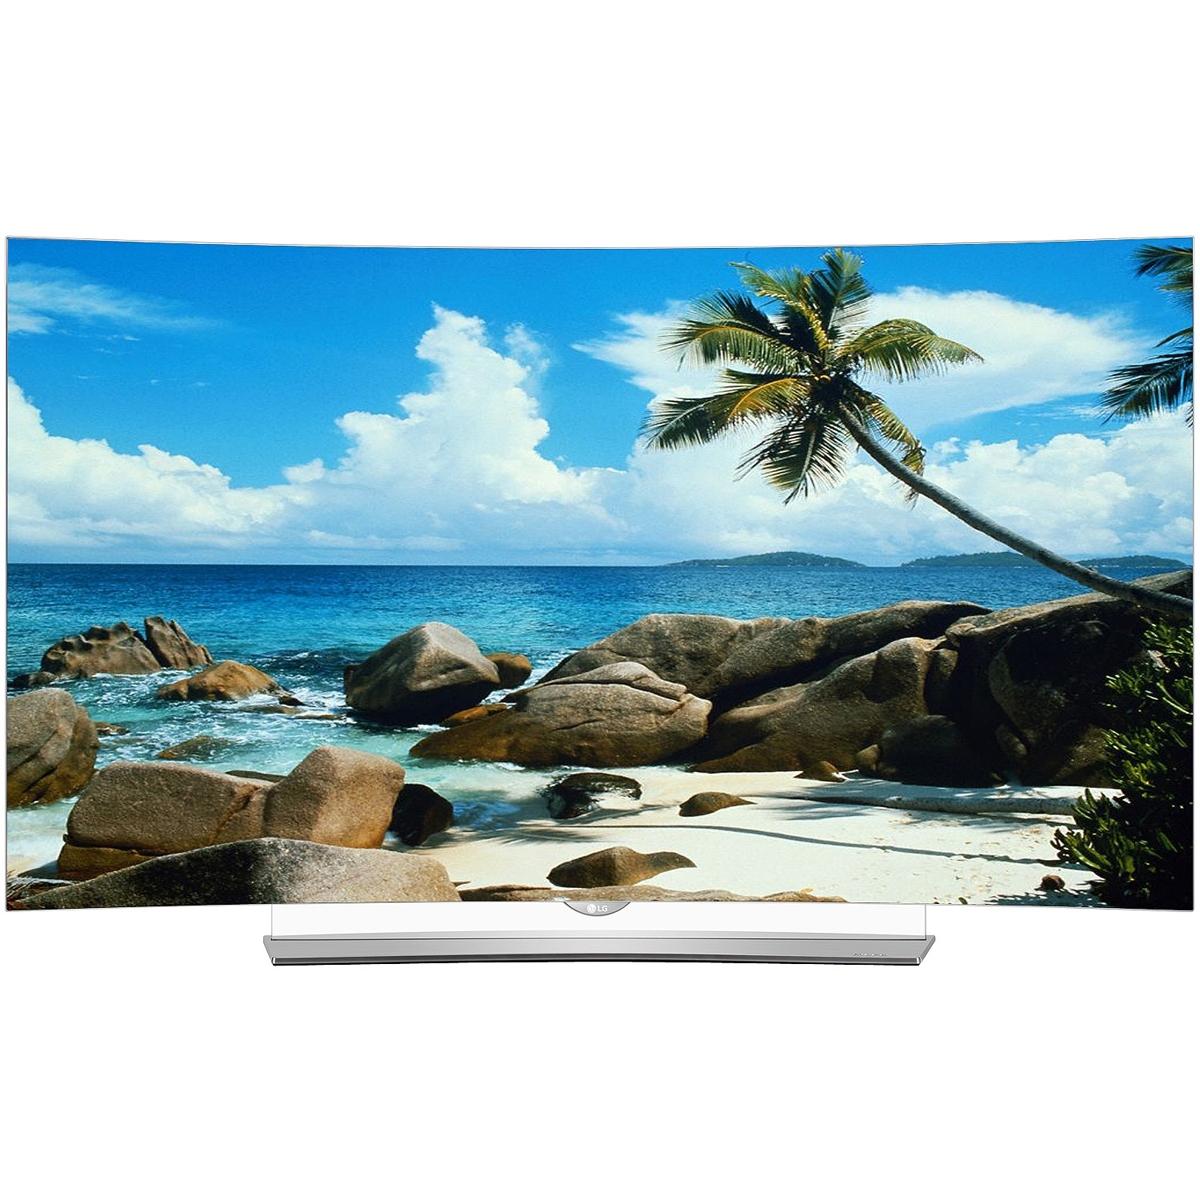 """LG 65"""" Class Oled Curved Smart HDTV - 65EG9600"""